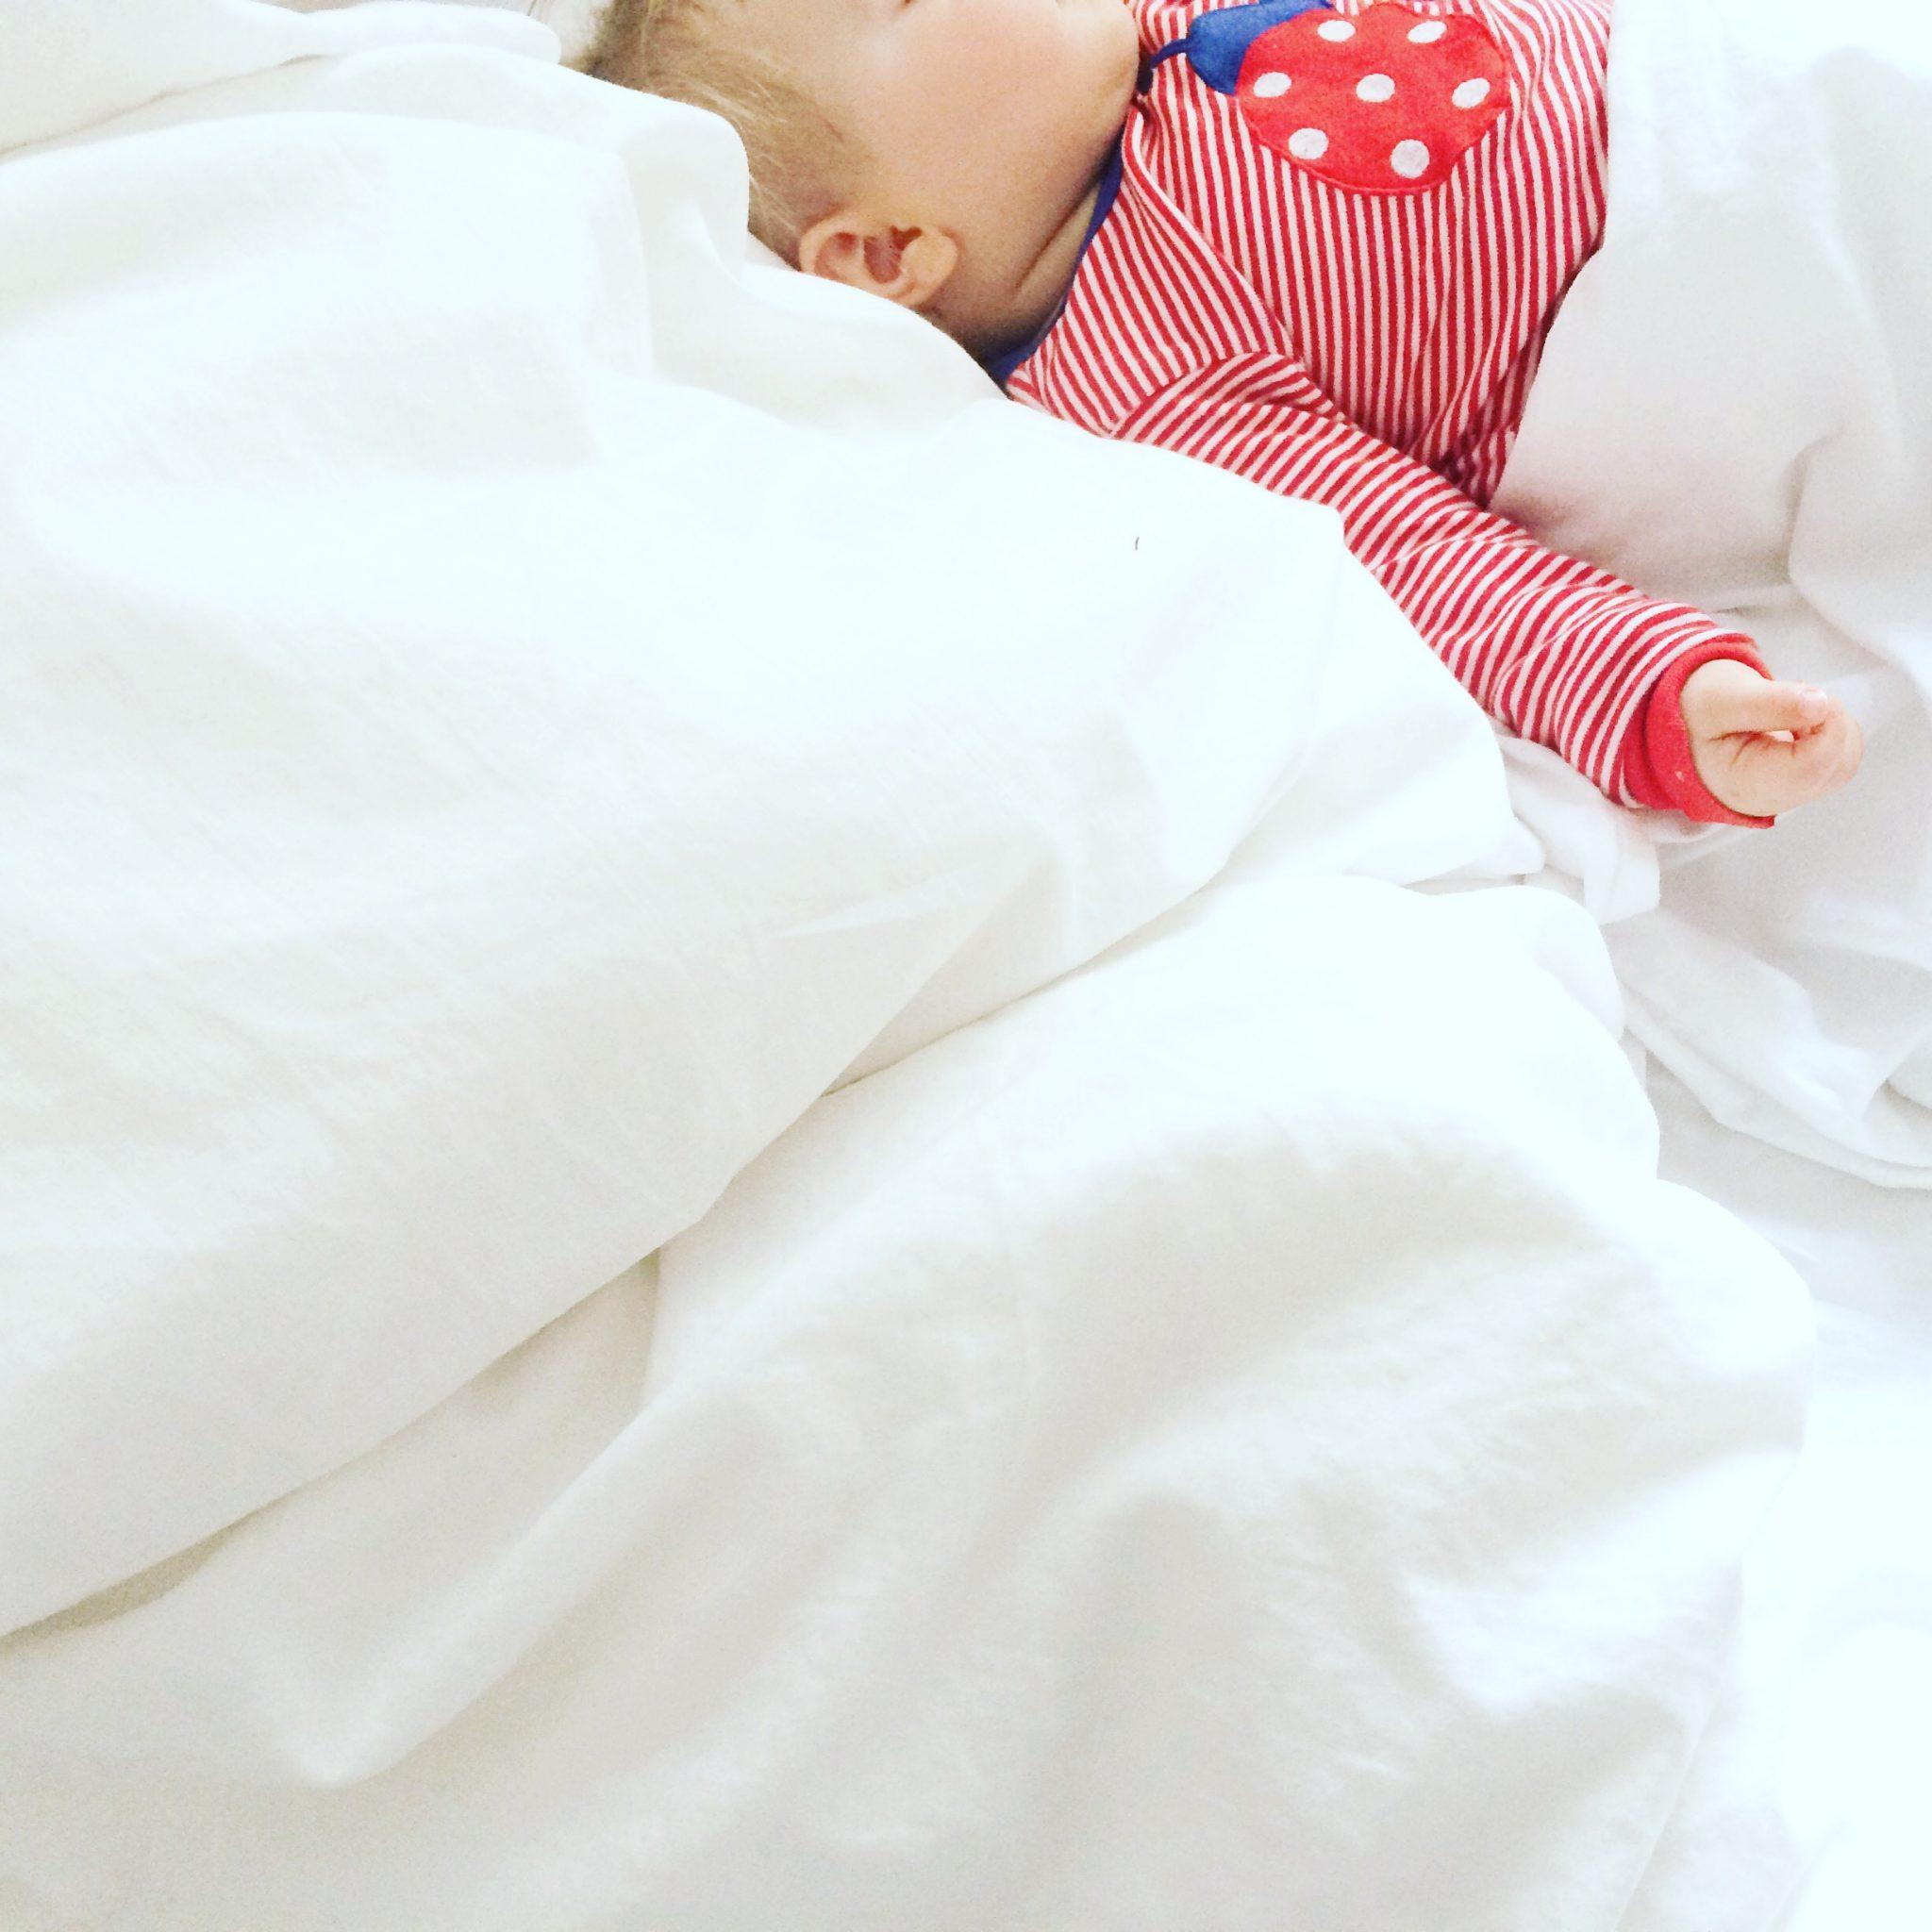 schluss mit dauerschnuckeln schlaftraining f rs baby sarahplusdrei. Black Bedroom Furniture Sets. Home Design Ideas